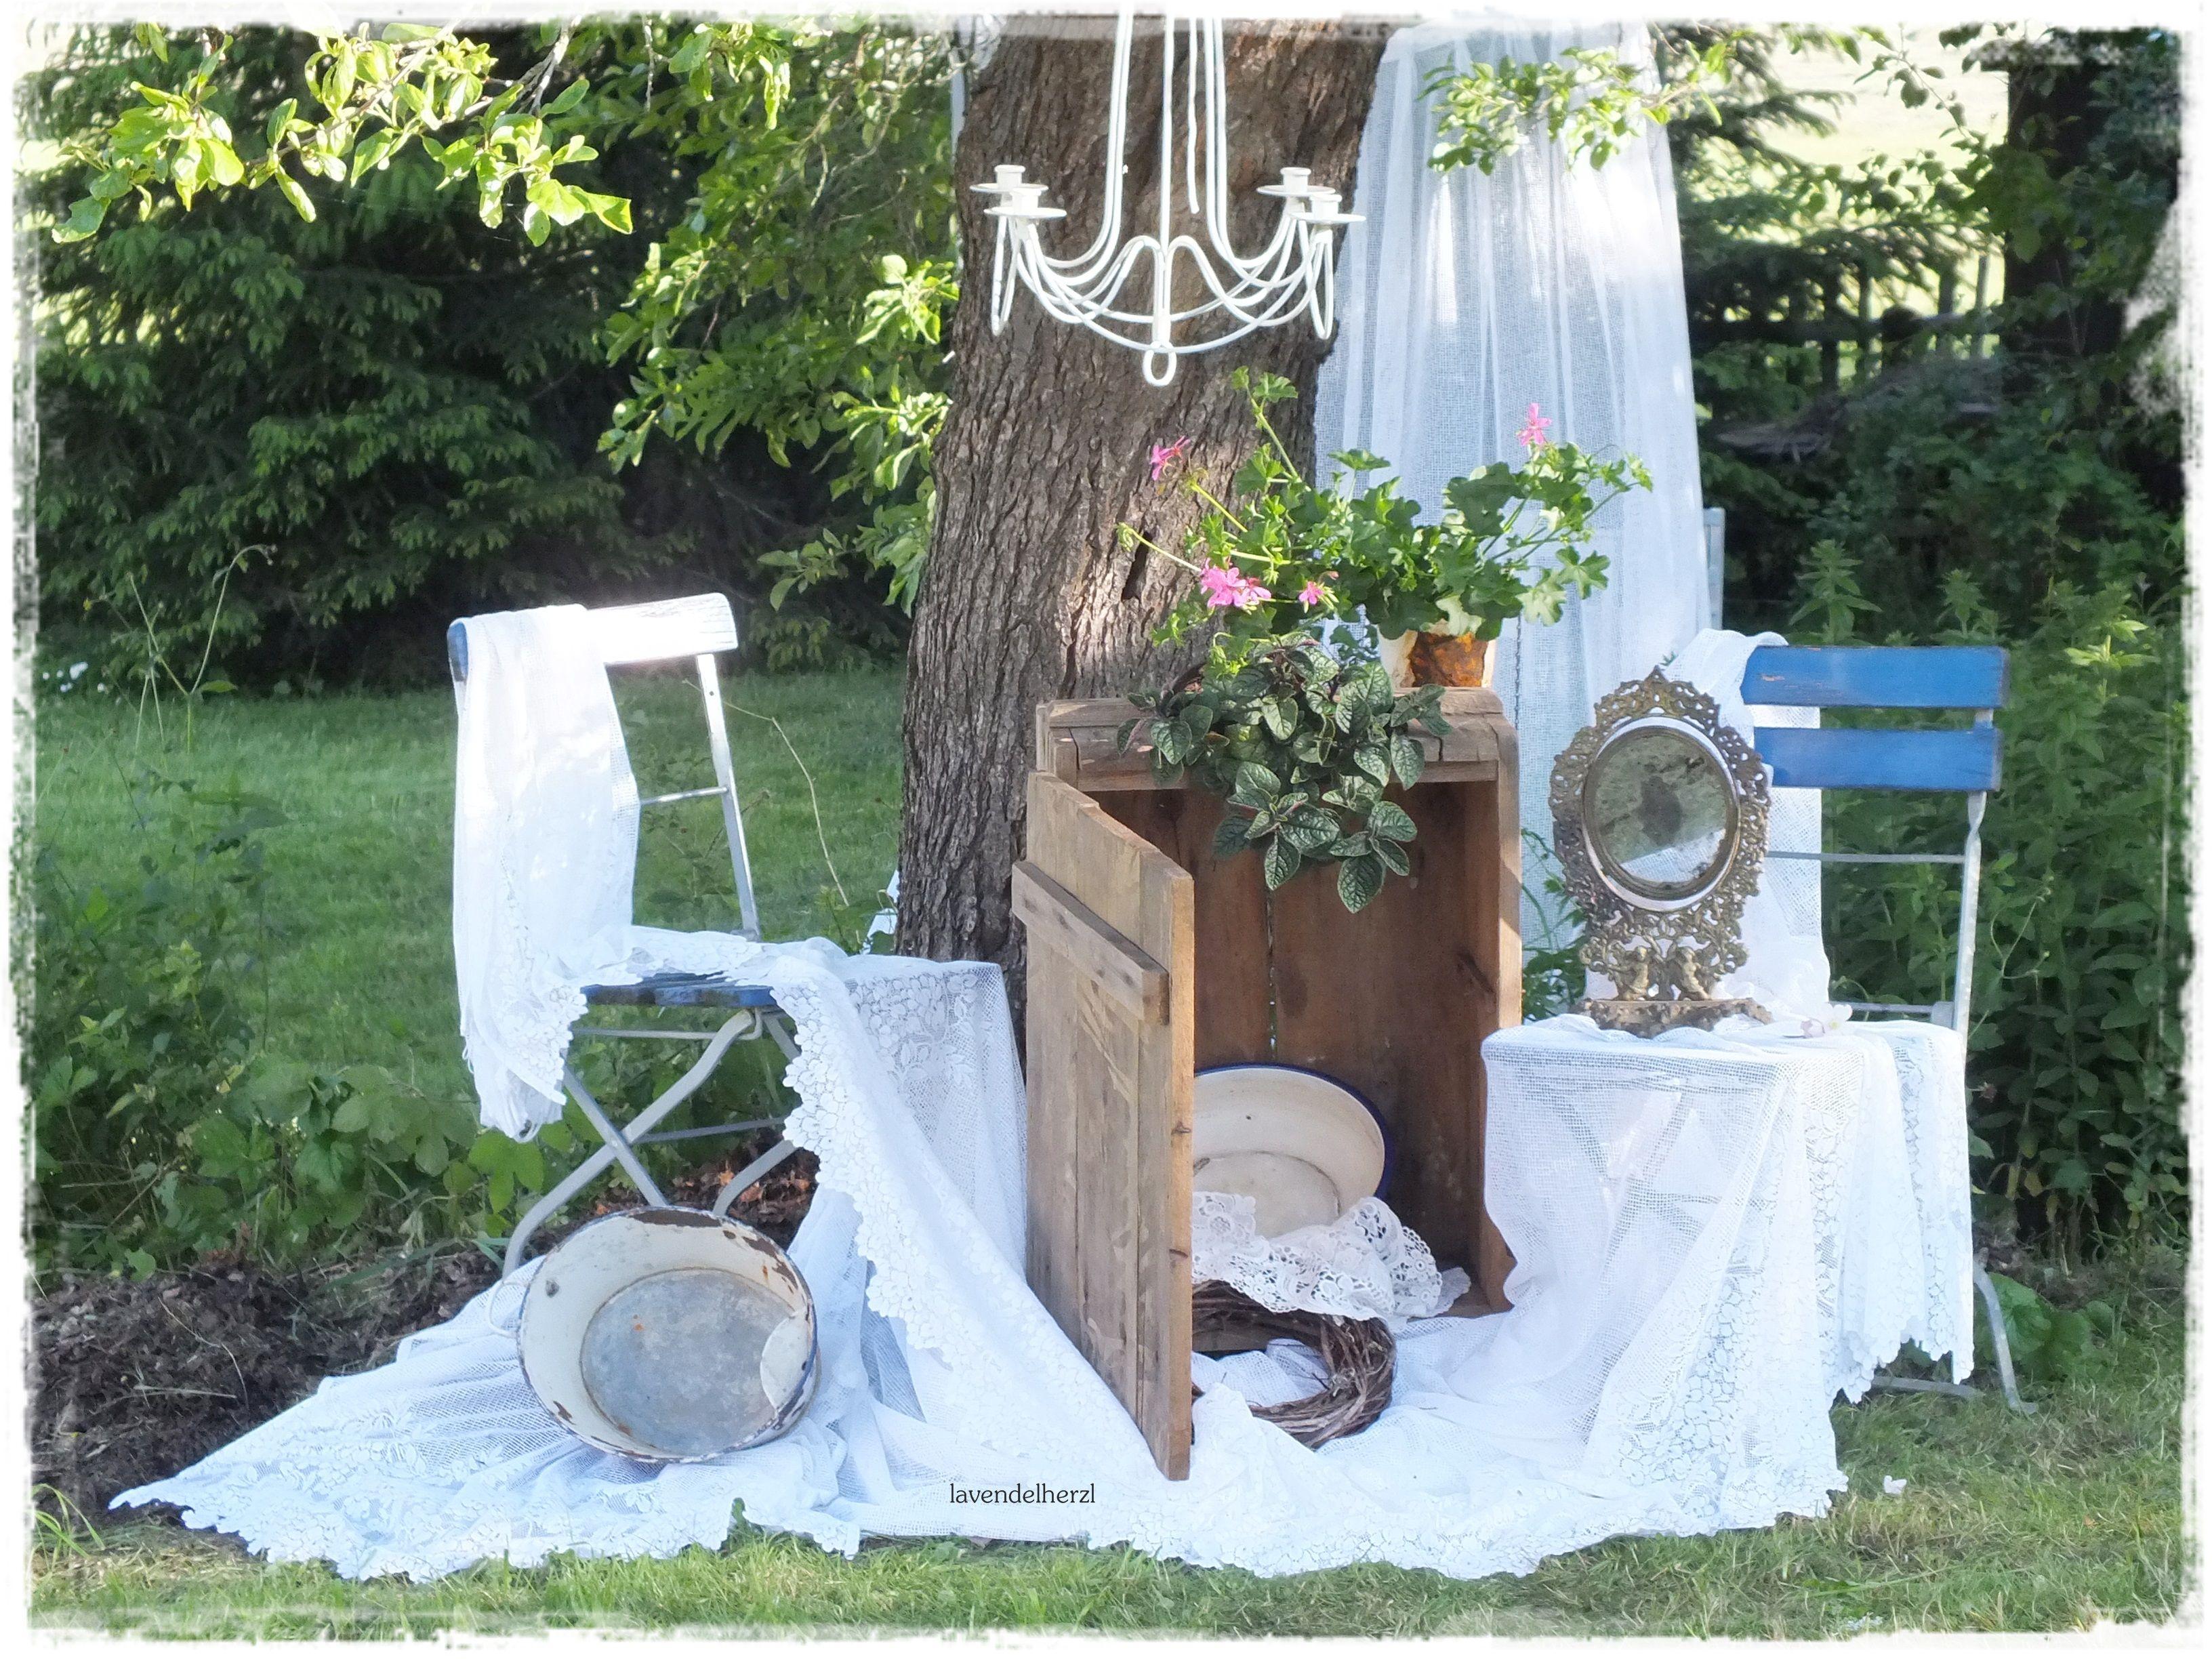 Gartendeko Shabby grüße aus unserem garten lavendelherzl vintage shabby gartendeko